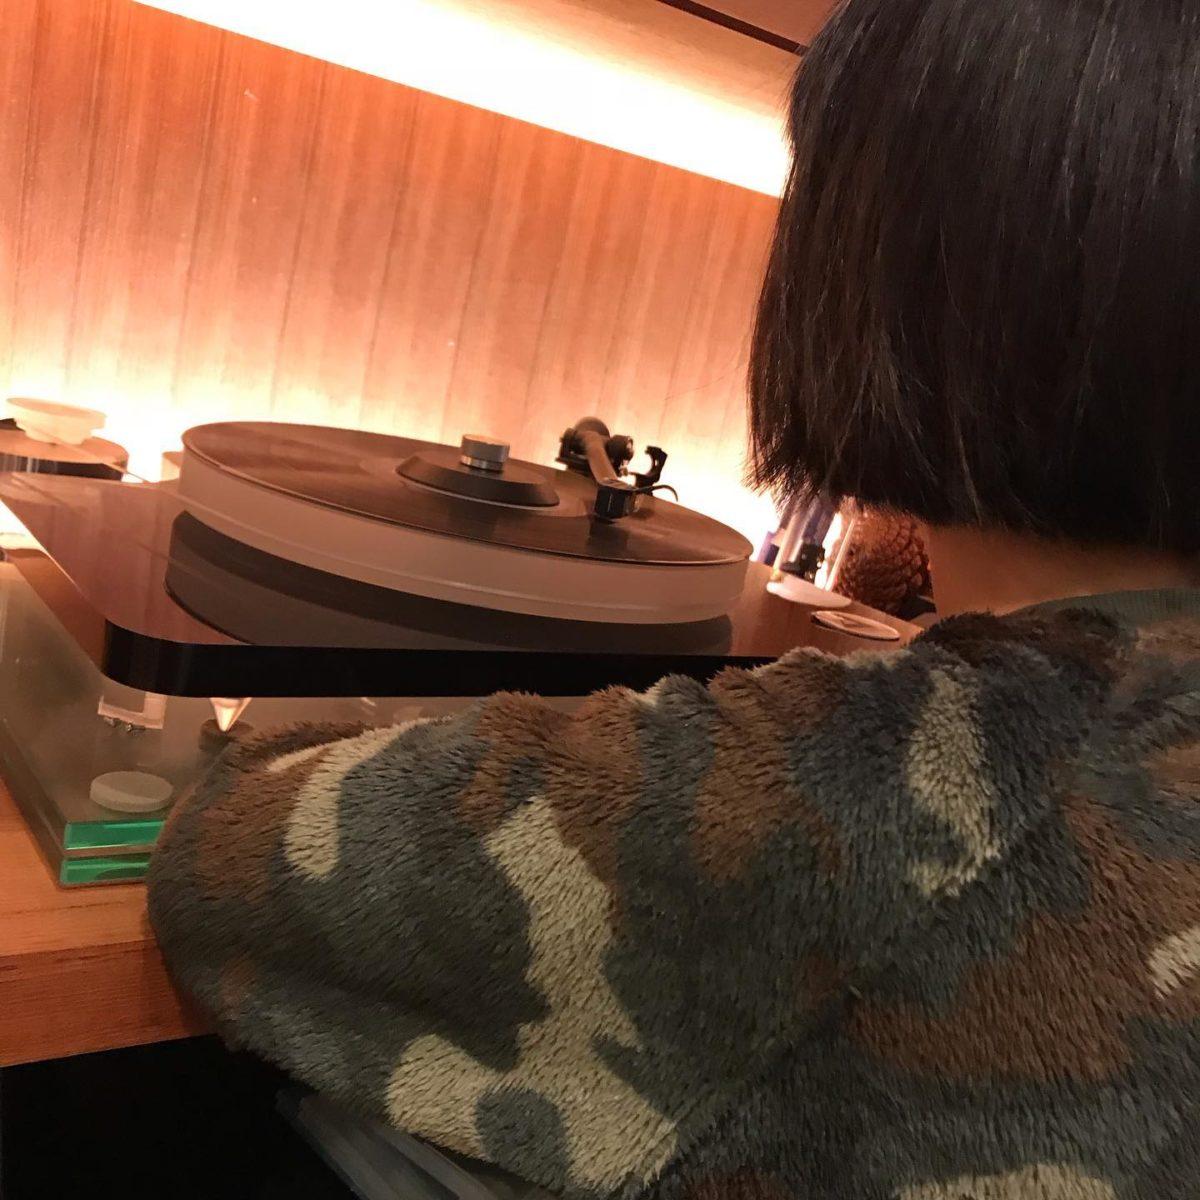 小学生の時、QUEENのアナログレコードを母の美容室に勤めていた従業員さんにもらった。we will rock youをA面の一曲目で聞いた時、なんてカッコいいギターなんだ!と思った。  時が経ち QUEENの伝記映画が流行り娘の小学校でもQUEENが休み時間にかかると言う。  うちでQUEENを聴くにはアナログレコードを再生させねばならない、娘にアナログレコード盤の再生方法を教える  静にオルトフォンの針を落としレコード盤の溝からでるホワイトノイズの後に始まるロジャーテイラーの乾いたバスドラの音は最高だ!    #高崎ビューティモード専門学校